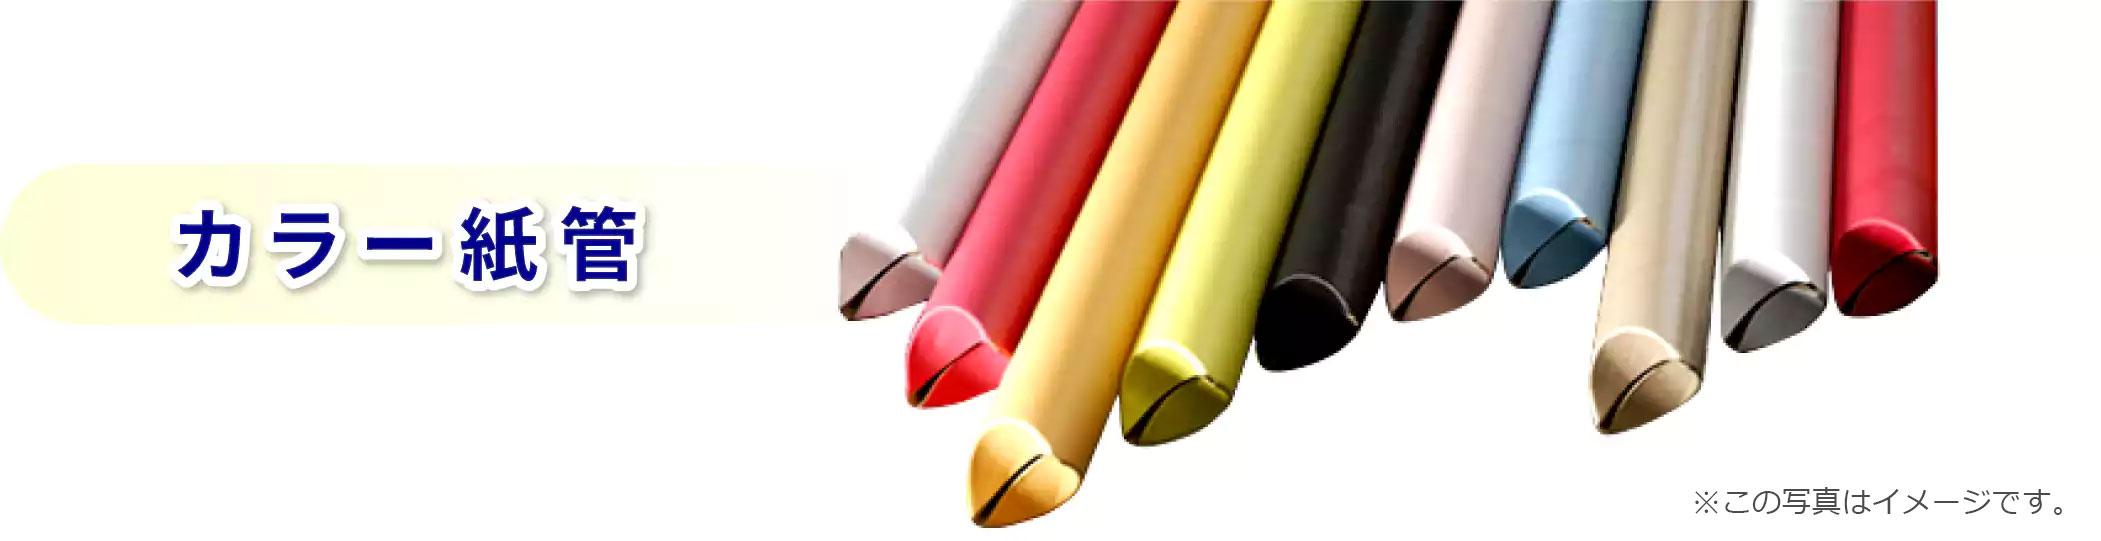 カラーバリエーション8色